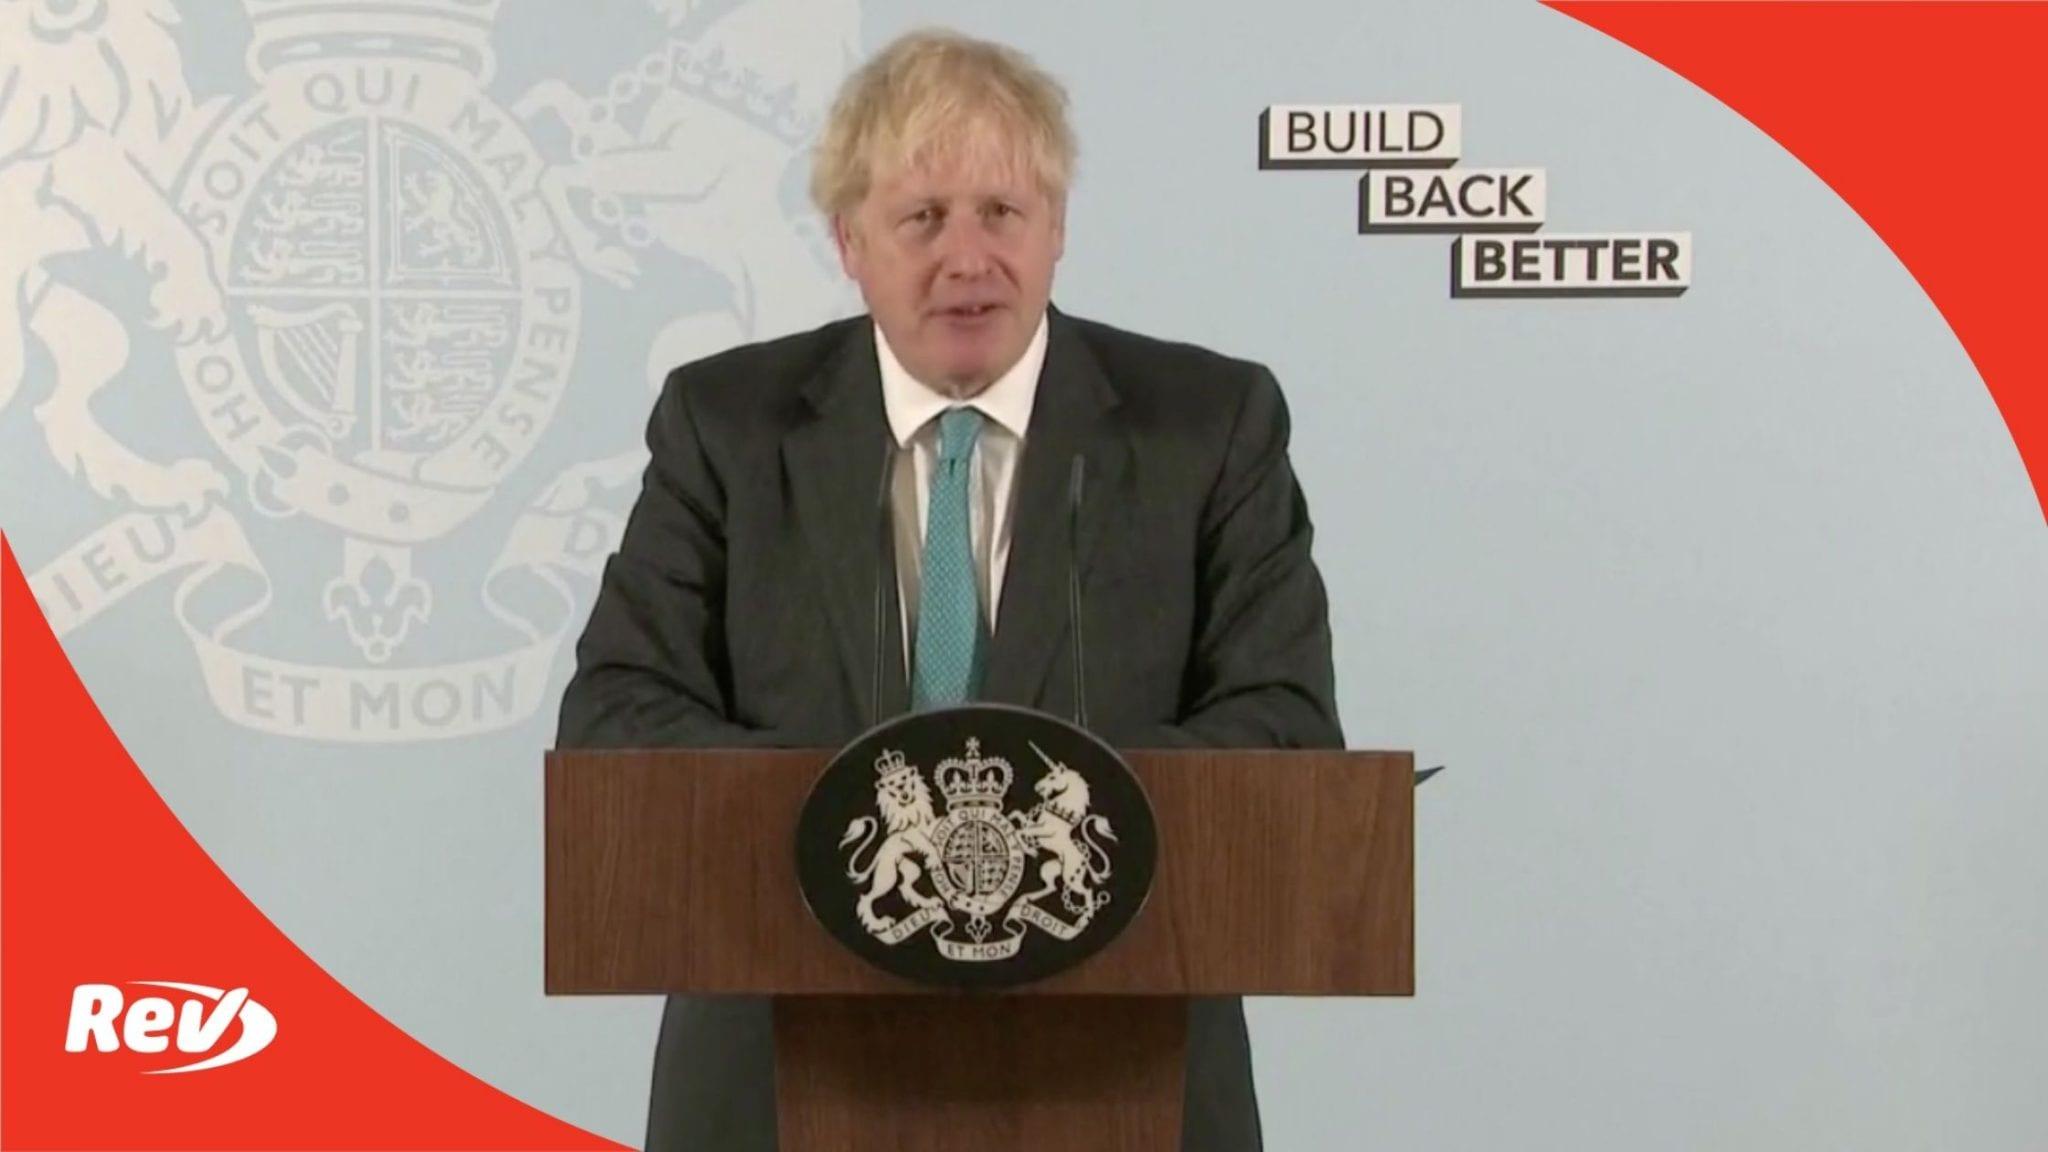 Boris Johnson Adult Education & Training Speech Transcript September 29